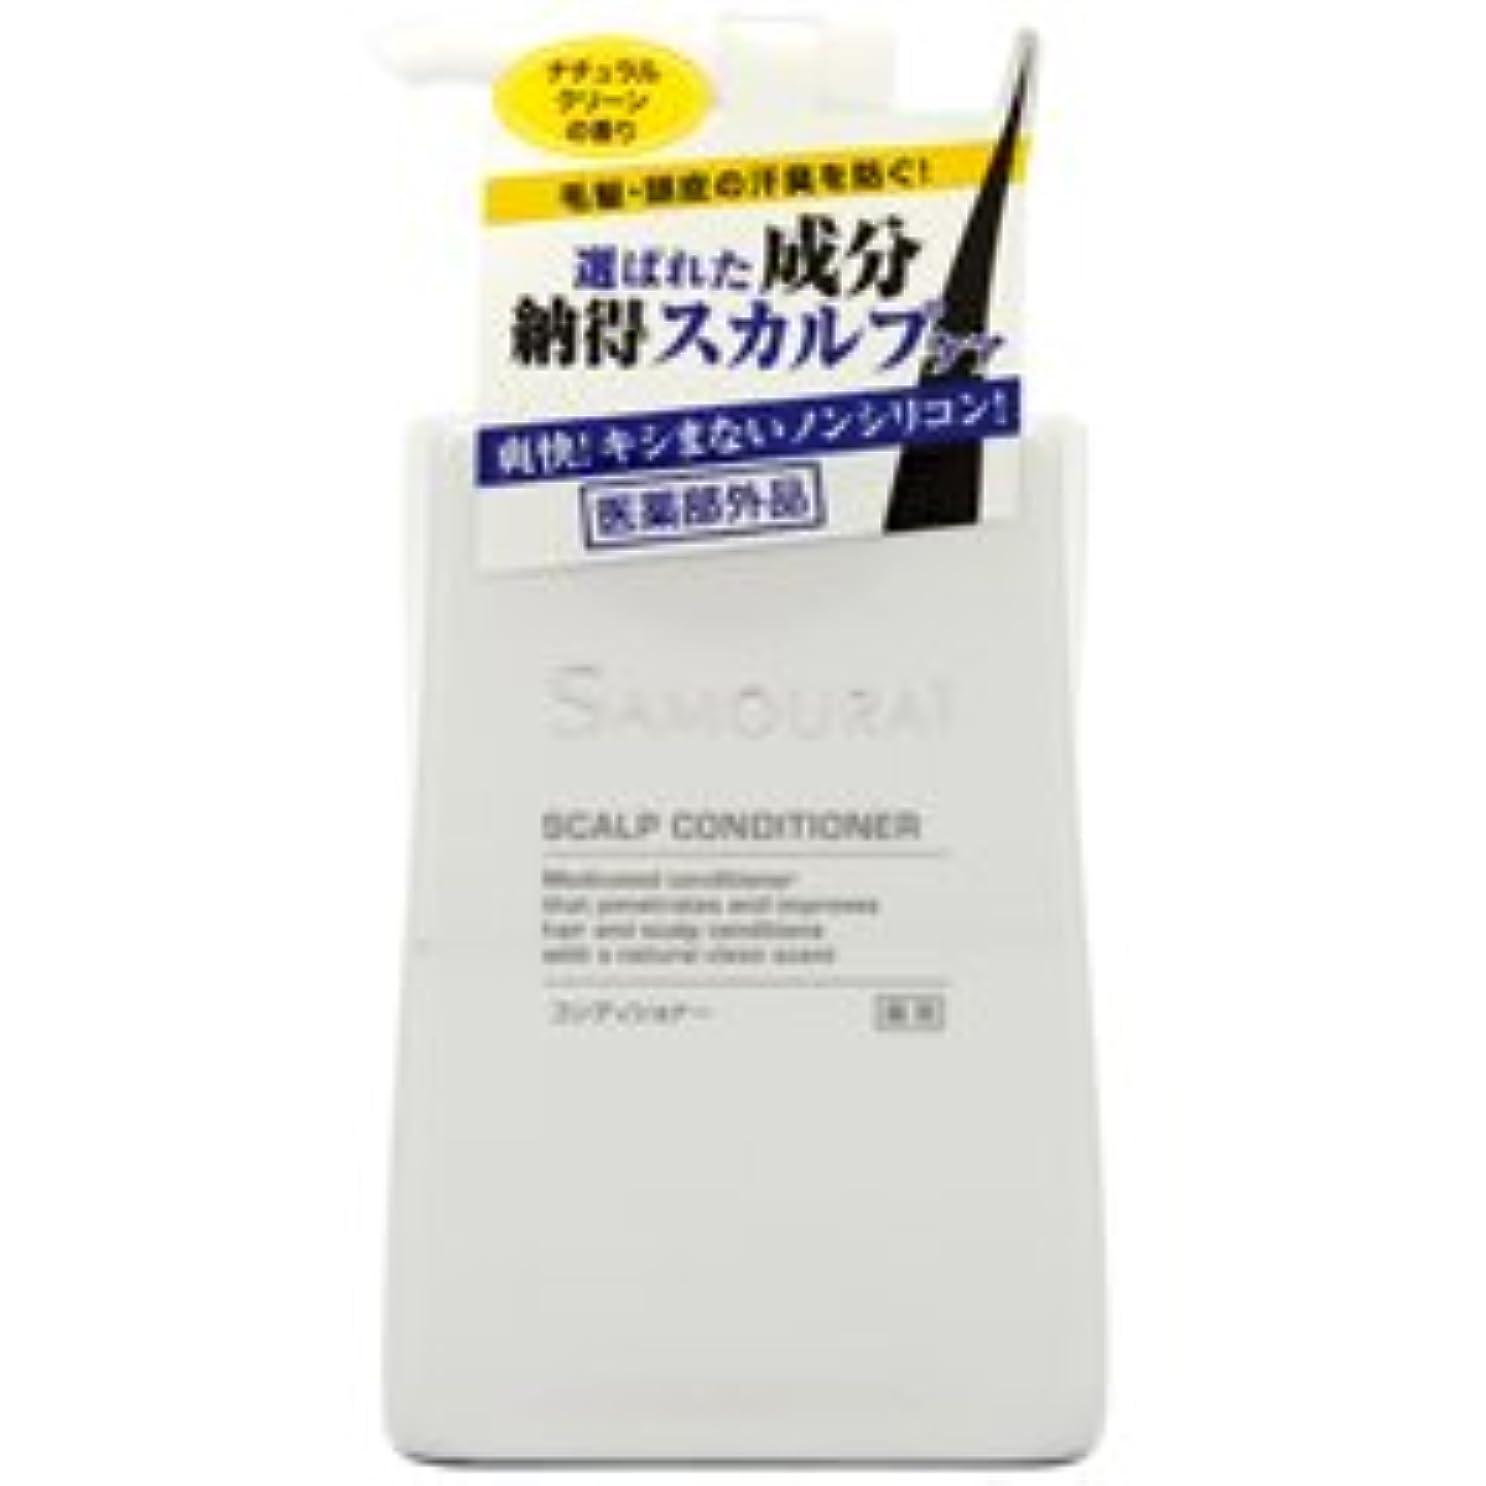 エアコン霊ペインギリック【アランドロン】サムライ 薬用スカルプコンディショナー 300ml